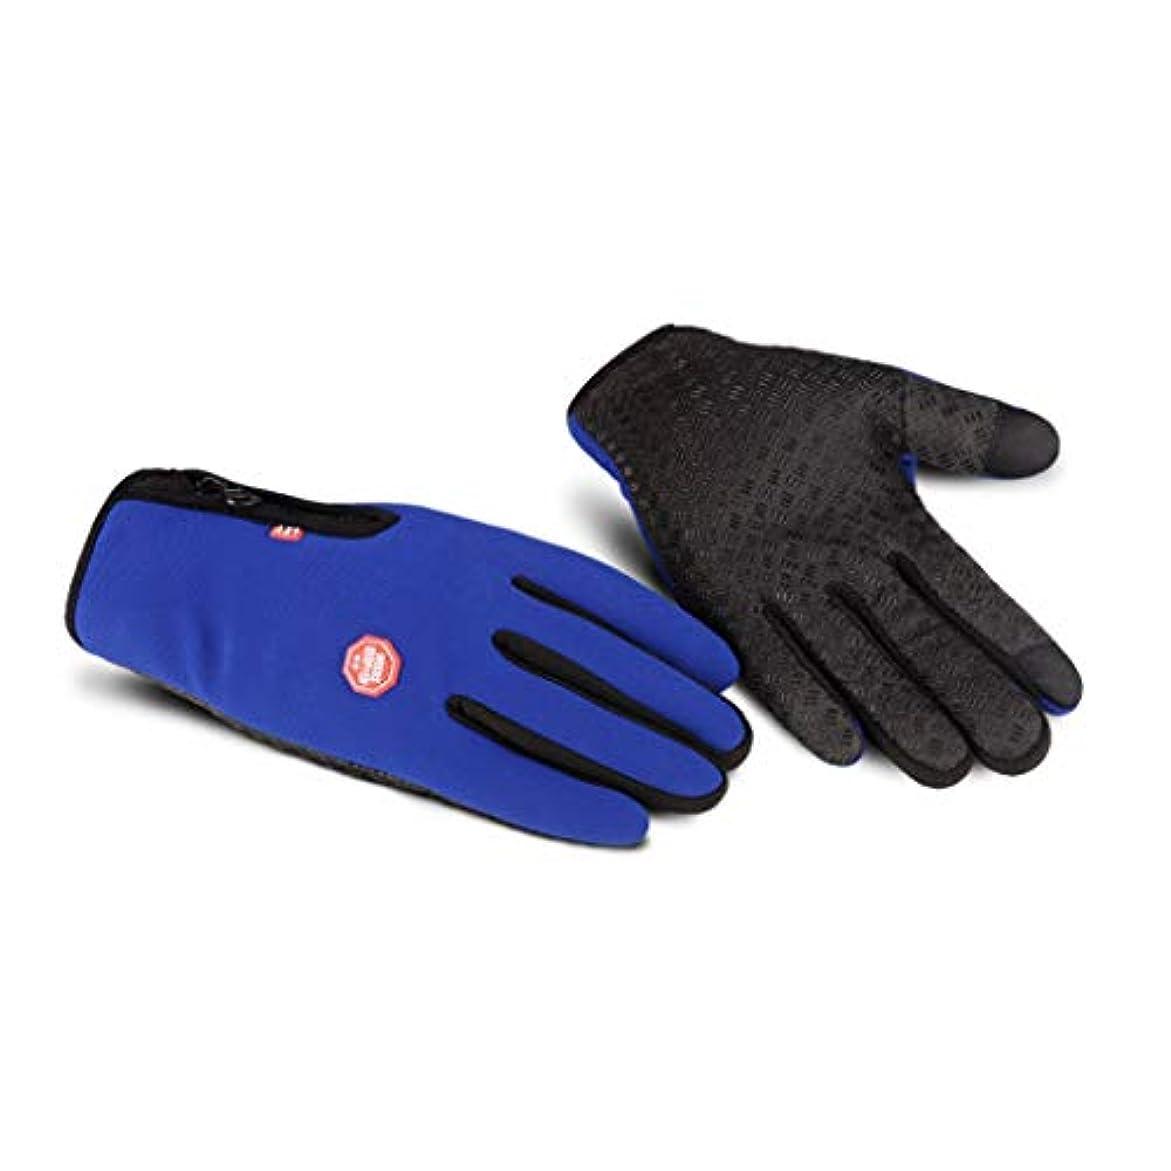 結晶たらいペフ手袋の男性の秋と冬の自転車電動バイクの女性のタッチスクリーンはすべて防風ノンスリップ暖かい冬のコールドプラスベルベット弾性手袋を意味する (色 : 青)